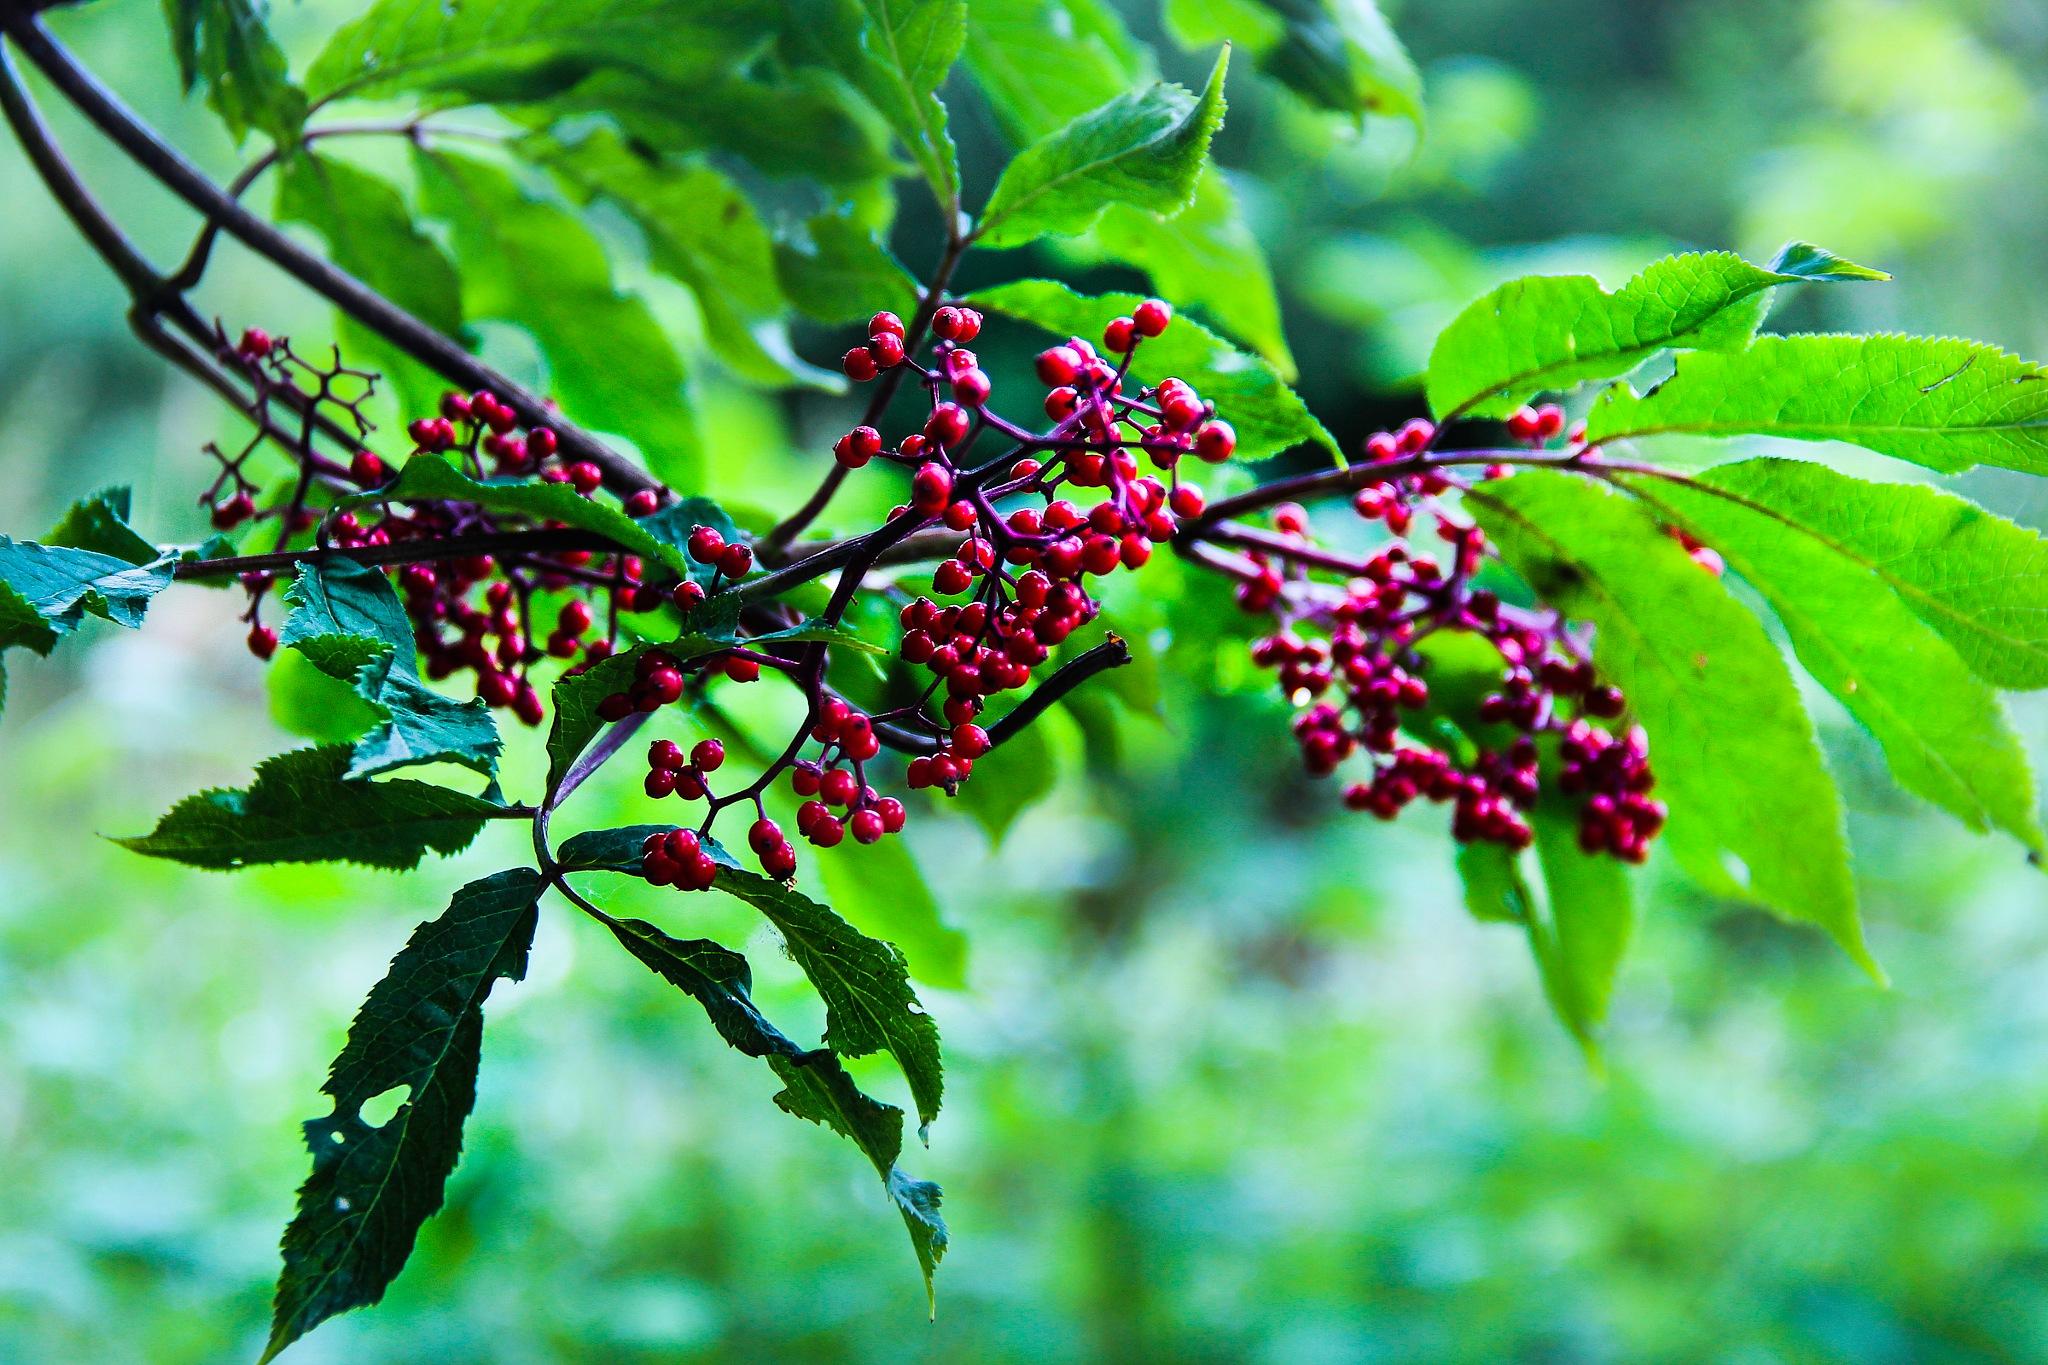 Wild Berries by Jason Graefen